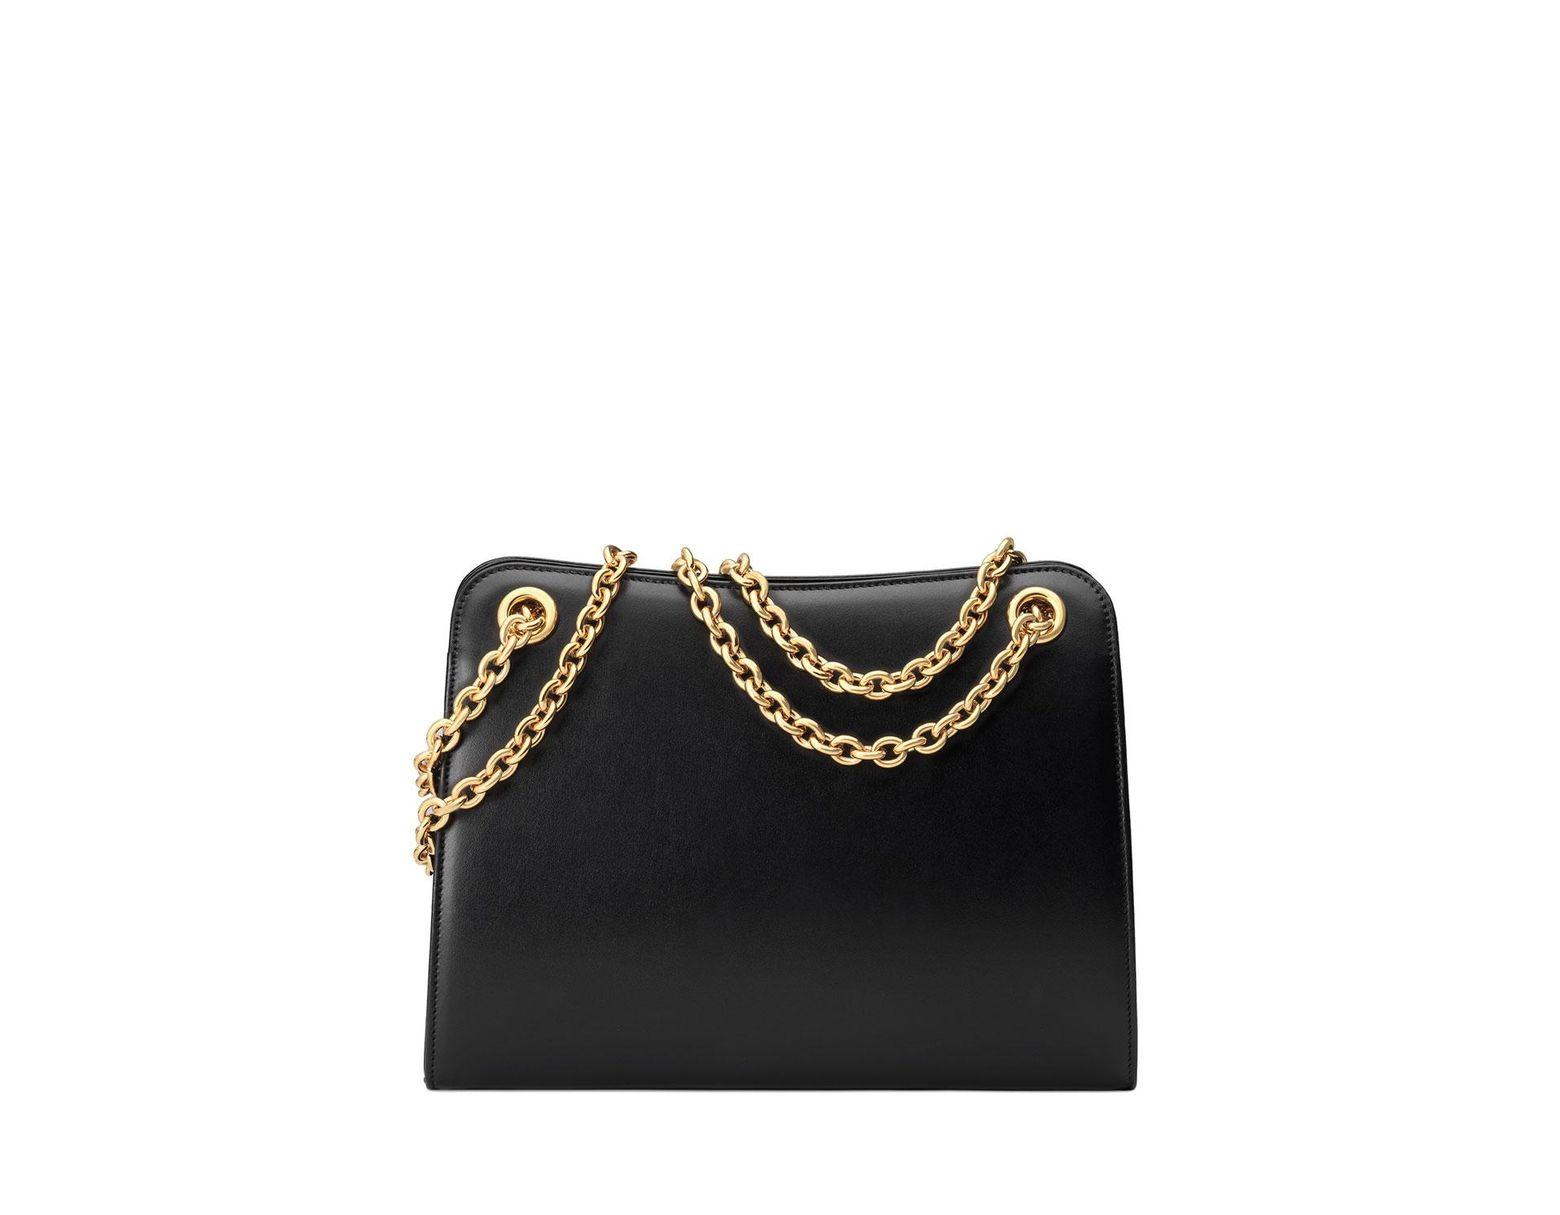 610a73ac5e18 Gucci Zumi Smooth Small Tote Bag in Black - Lyst